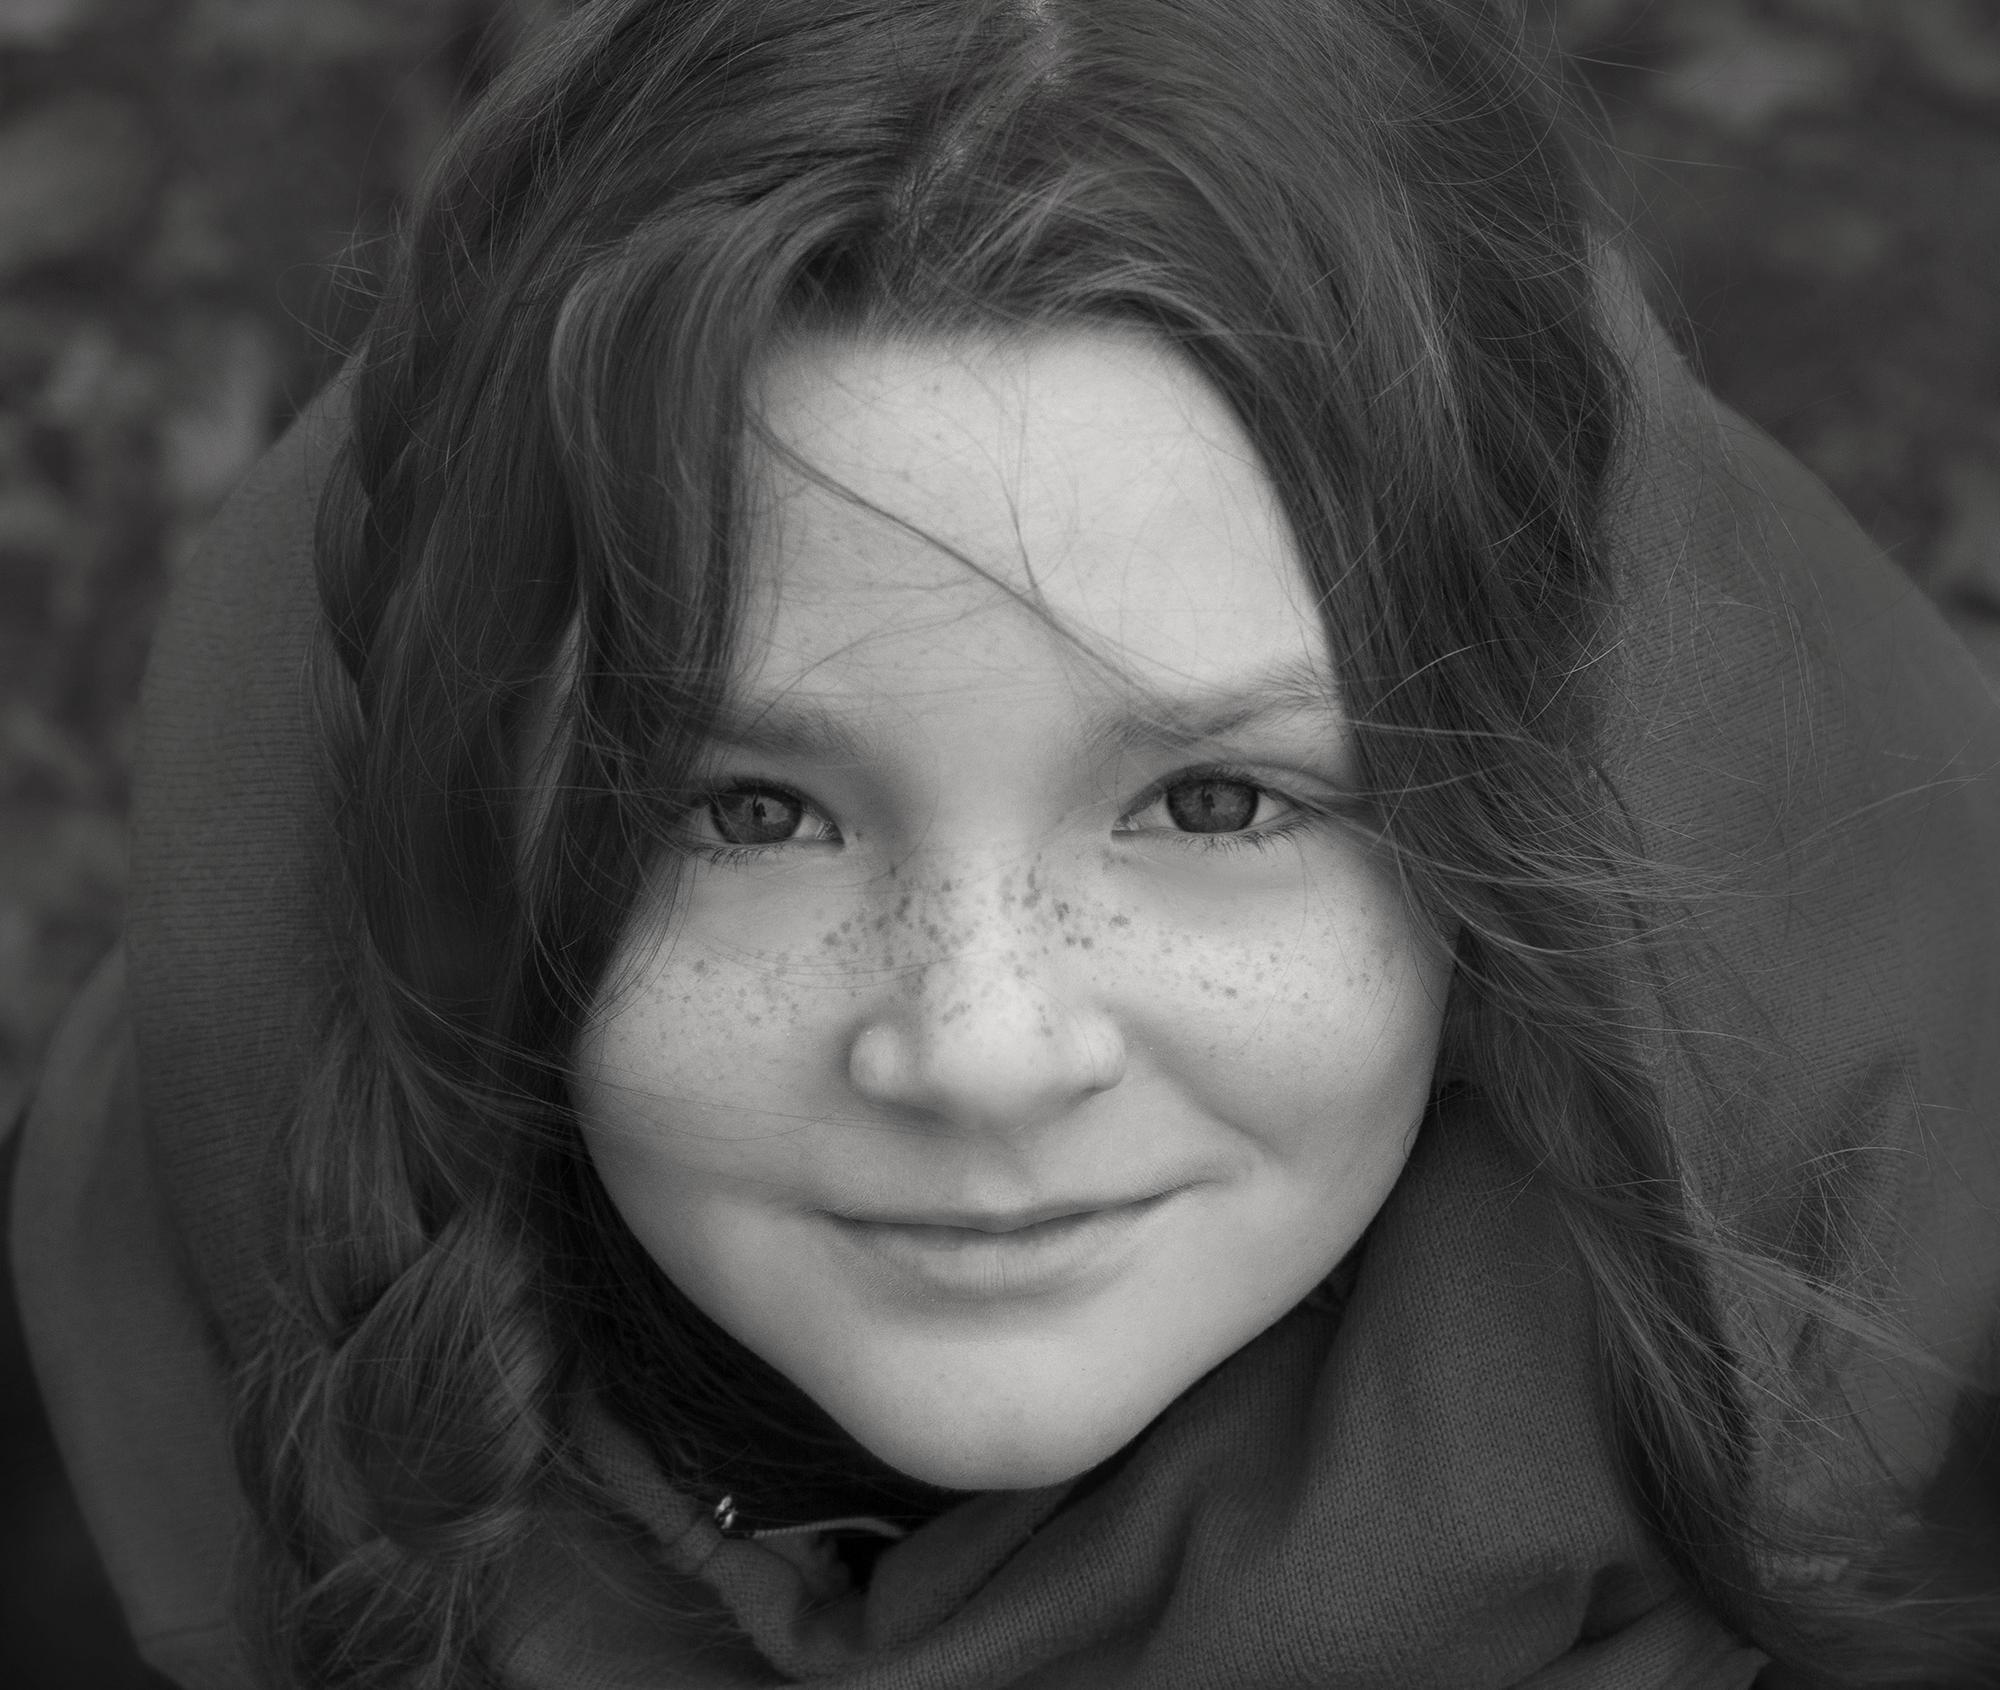 Zdjęcia dziecięce. Wyróżnienia podczas zajęć z fotografii online. 385 Kursy i 377 AFO